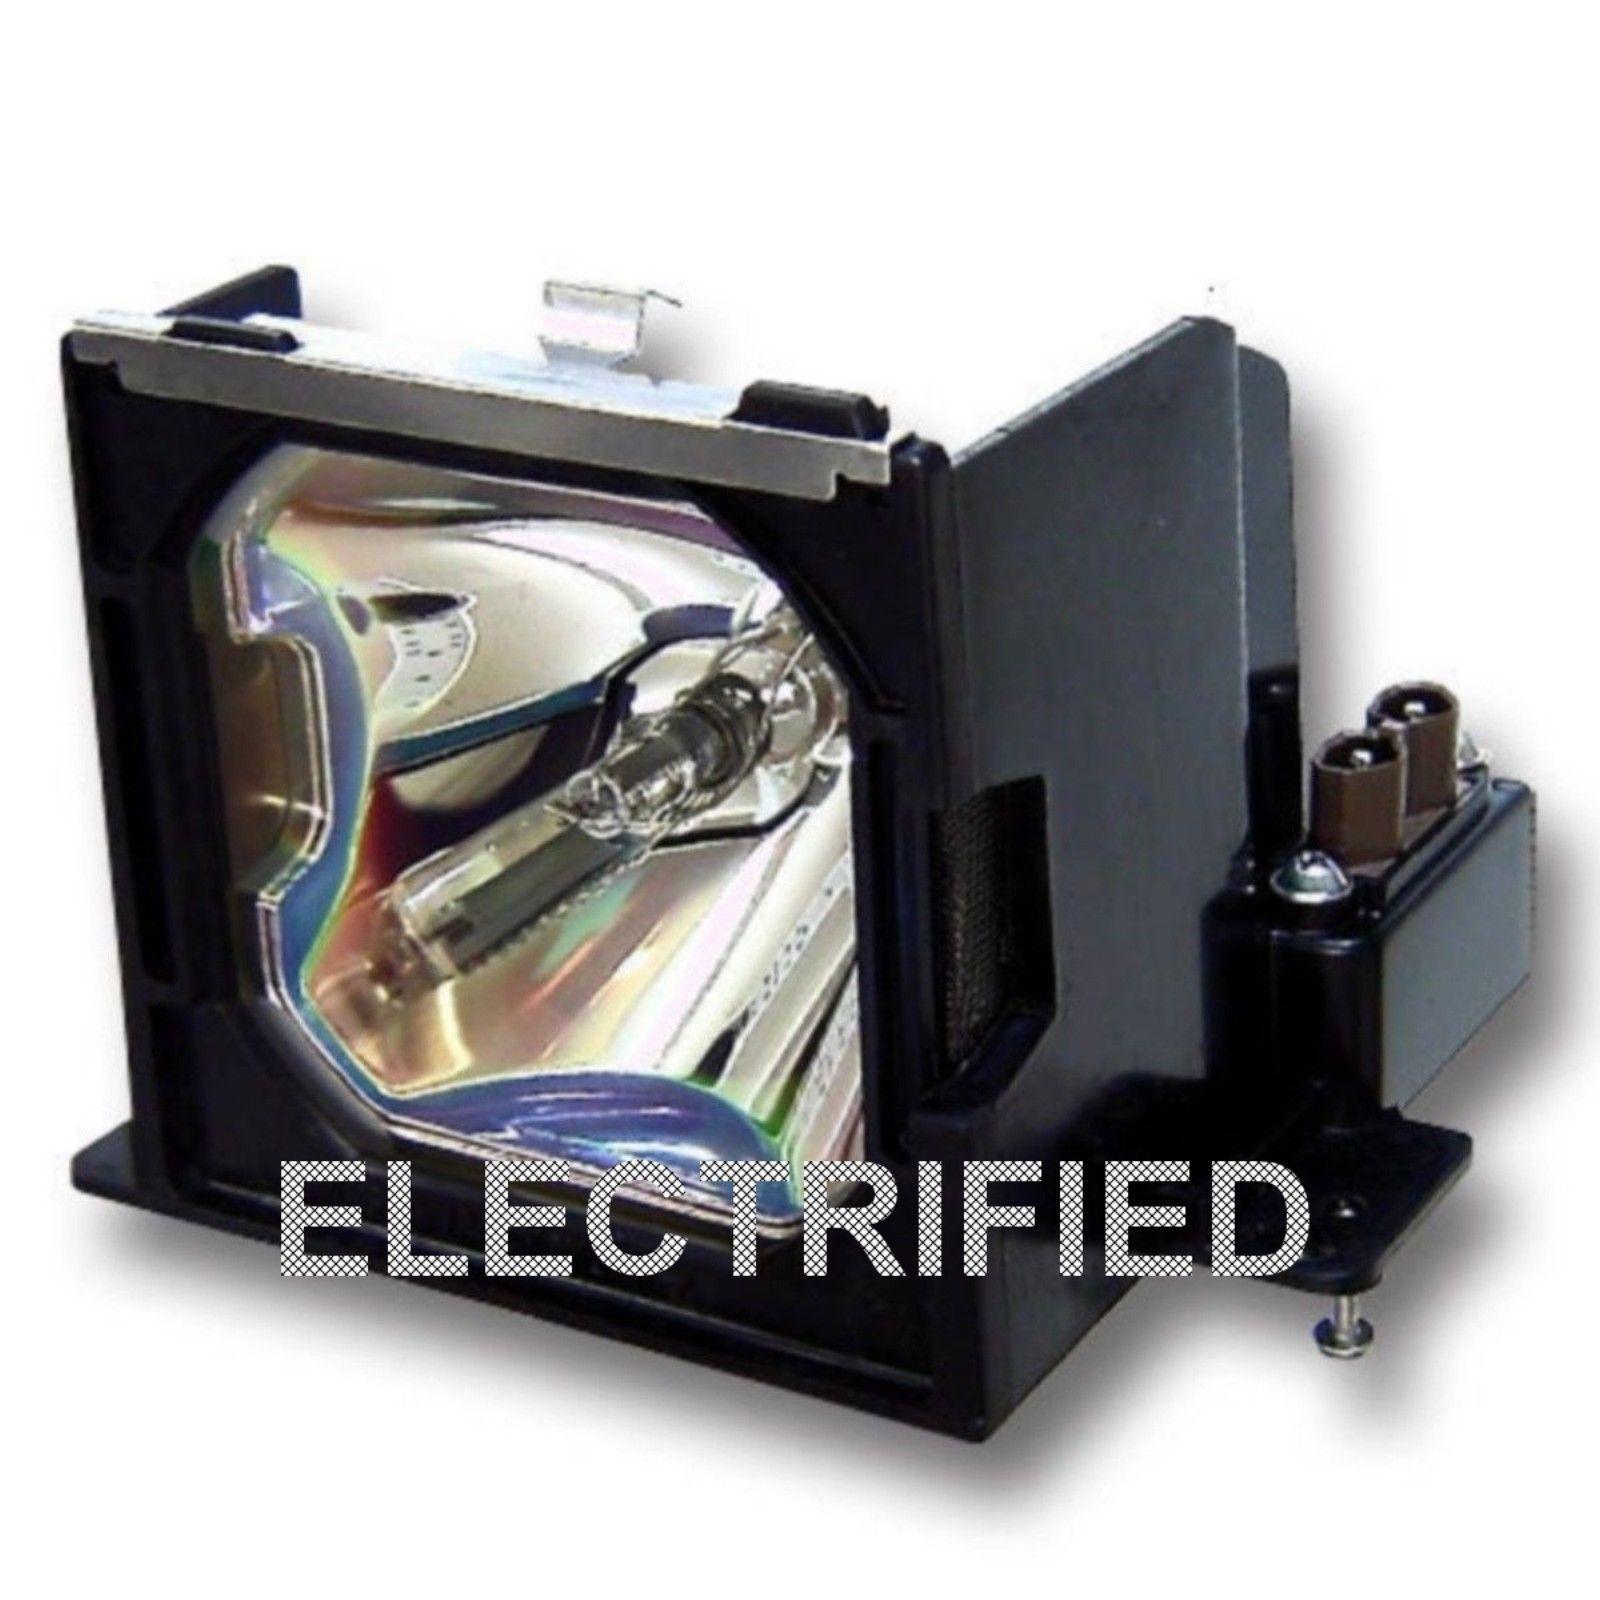 SANYO 610-306-5977 FACTORY BULB IN HOUSING FOR MODEL PLC-XP50 PLC-XP50L PLC-XP55 - $199.95